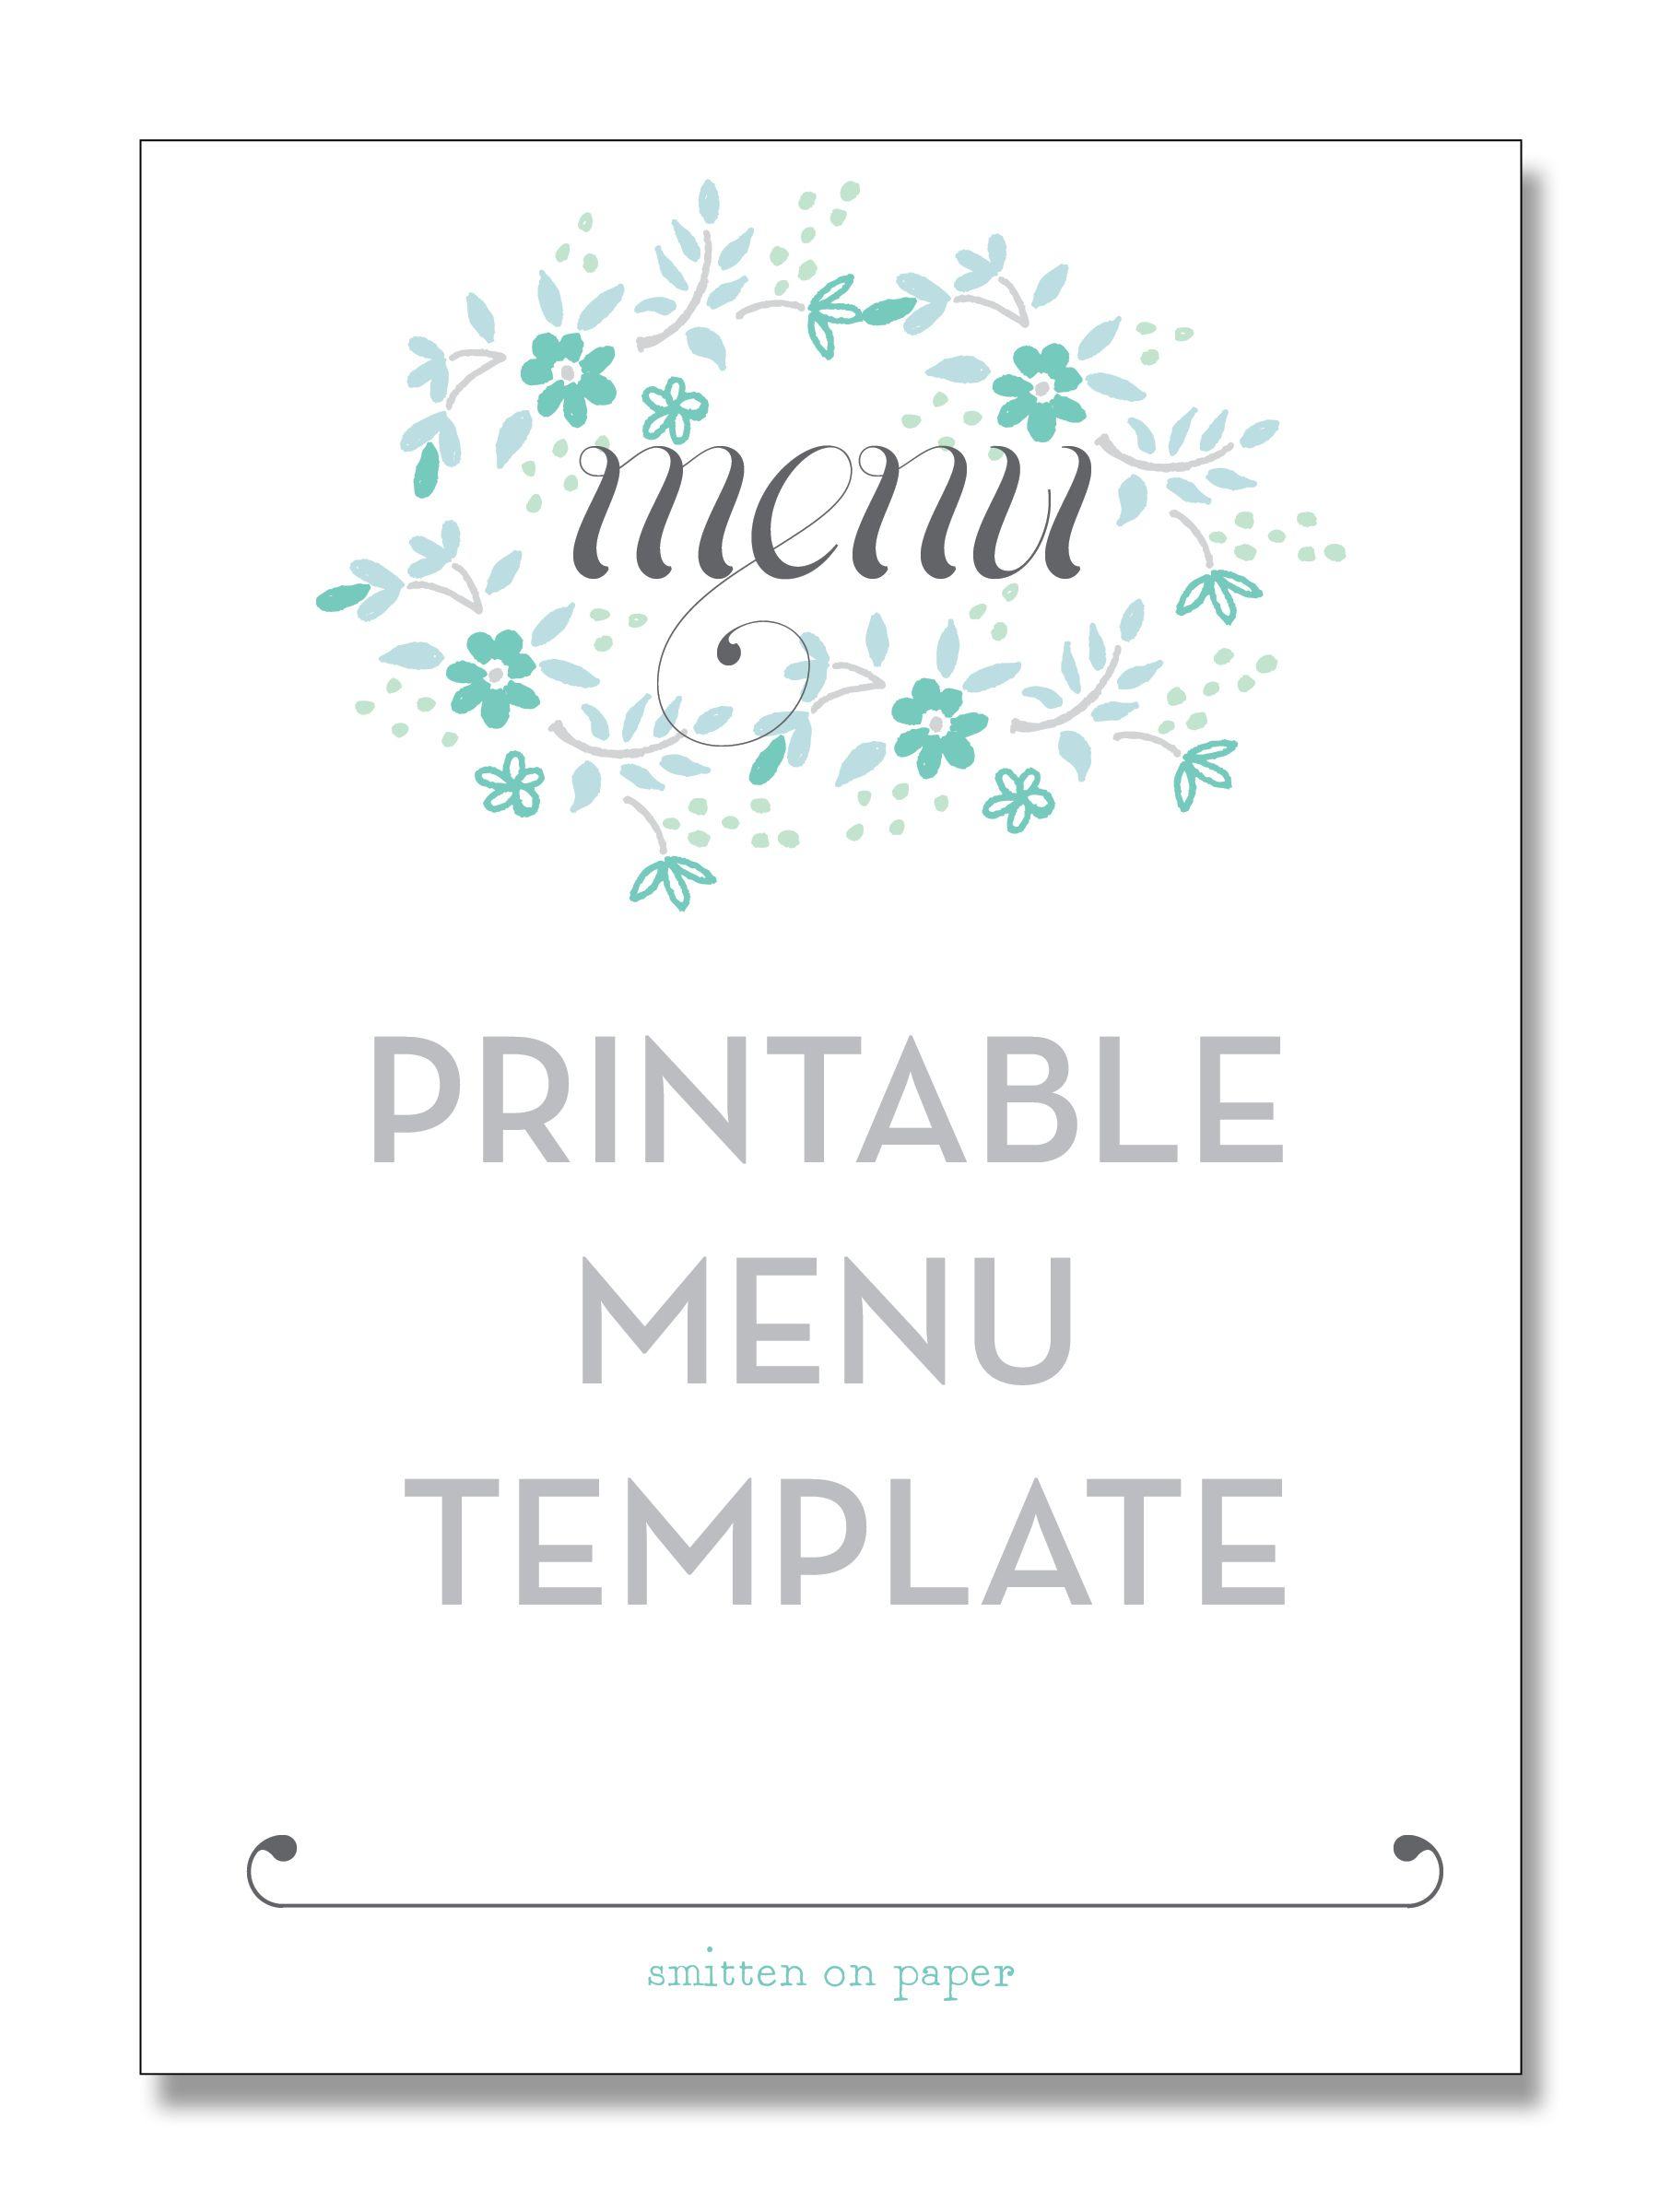 001 Template Ideas Free Printable Menu Templates ~ Ulyssesroom - Free Printable Menu